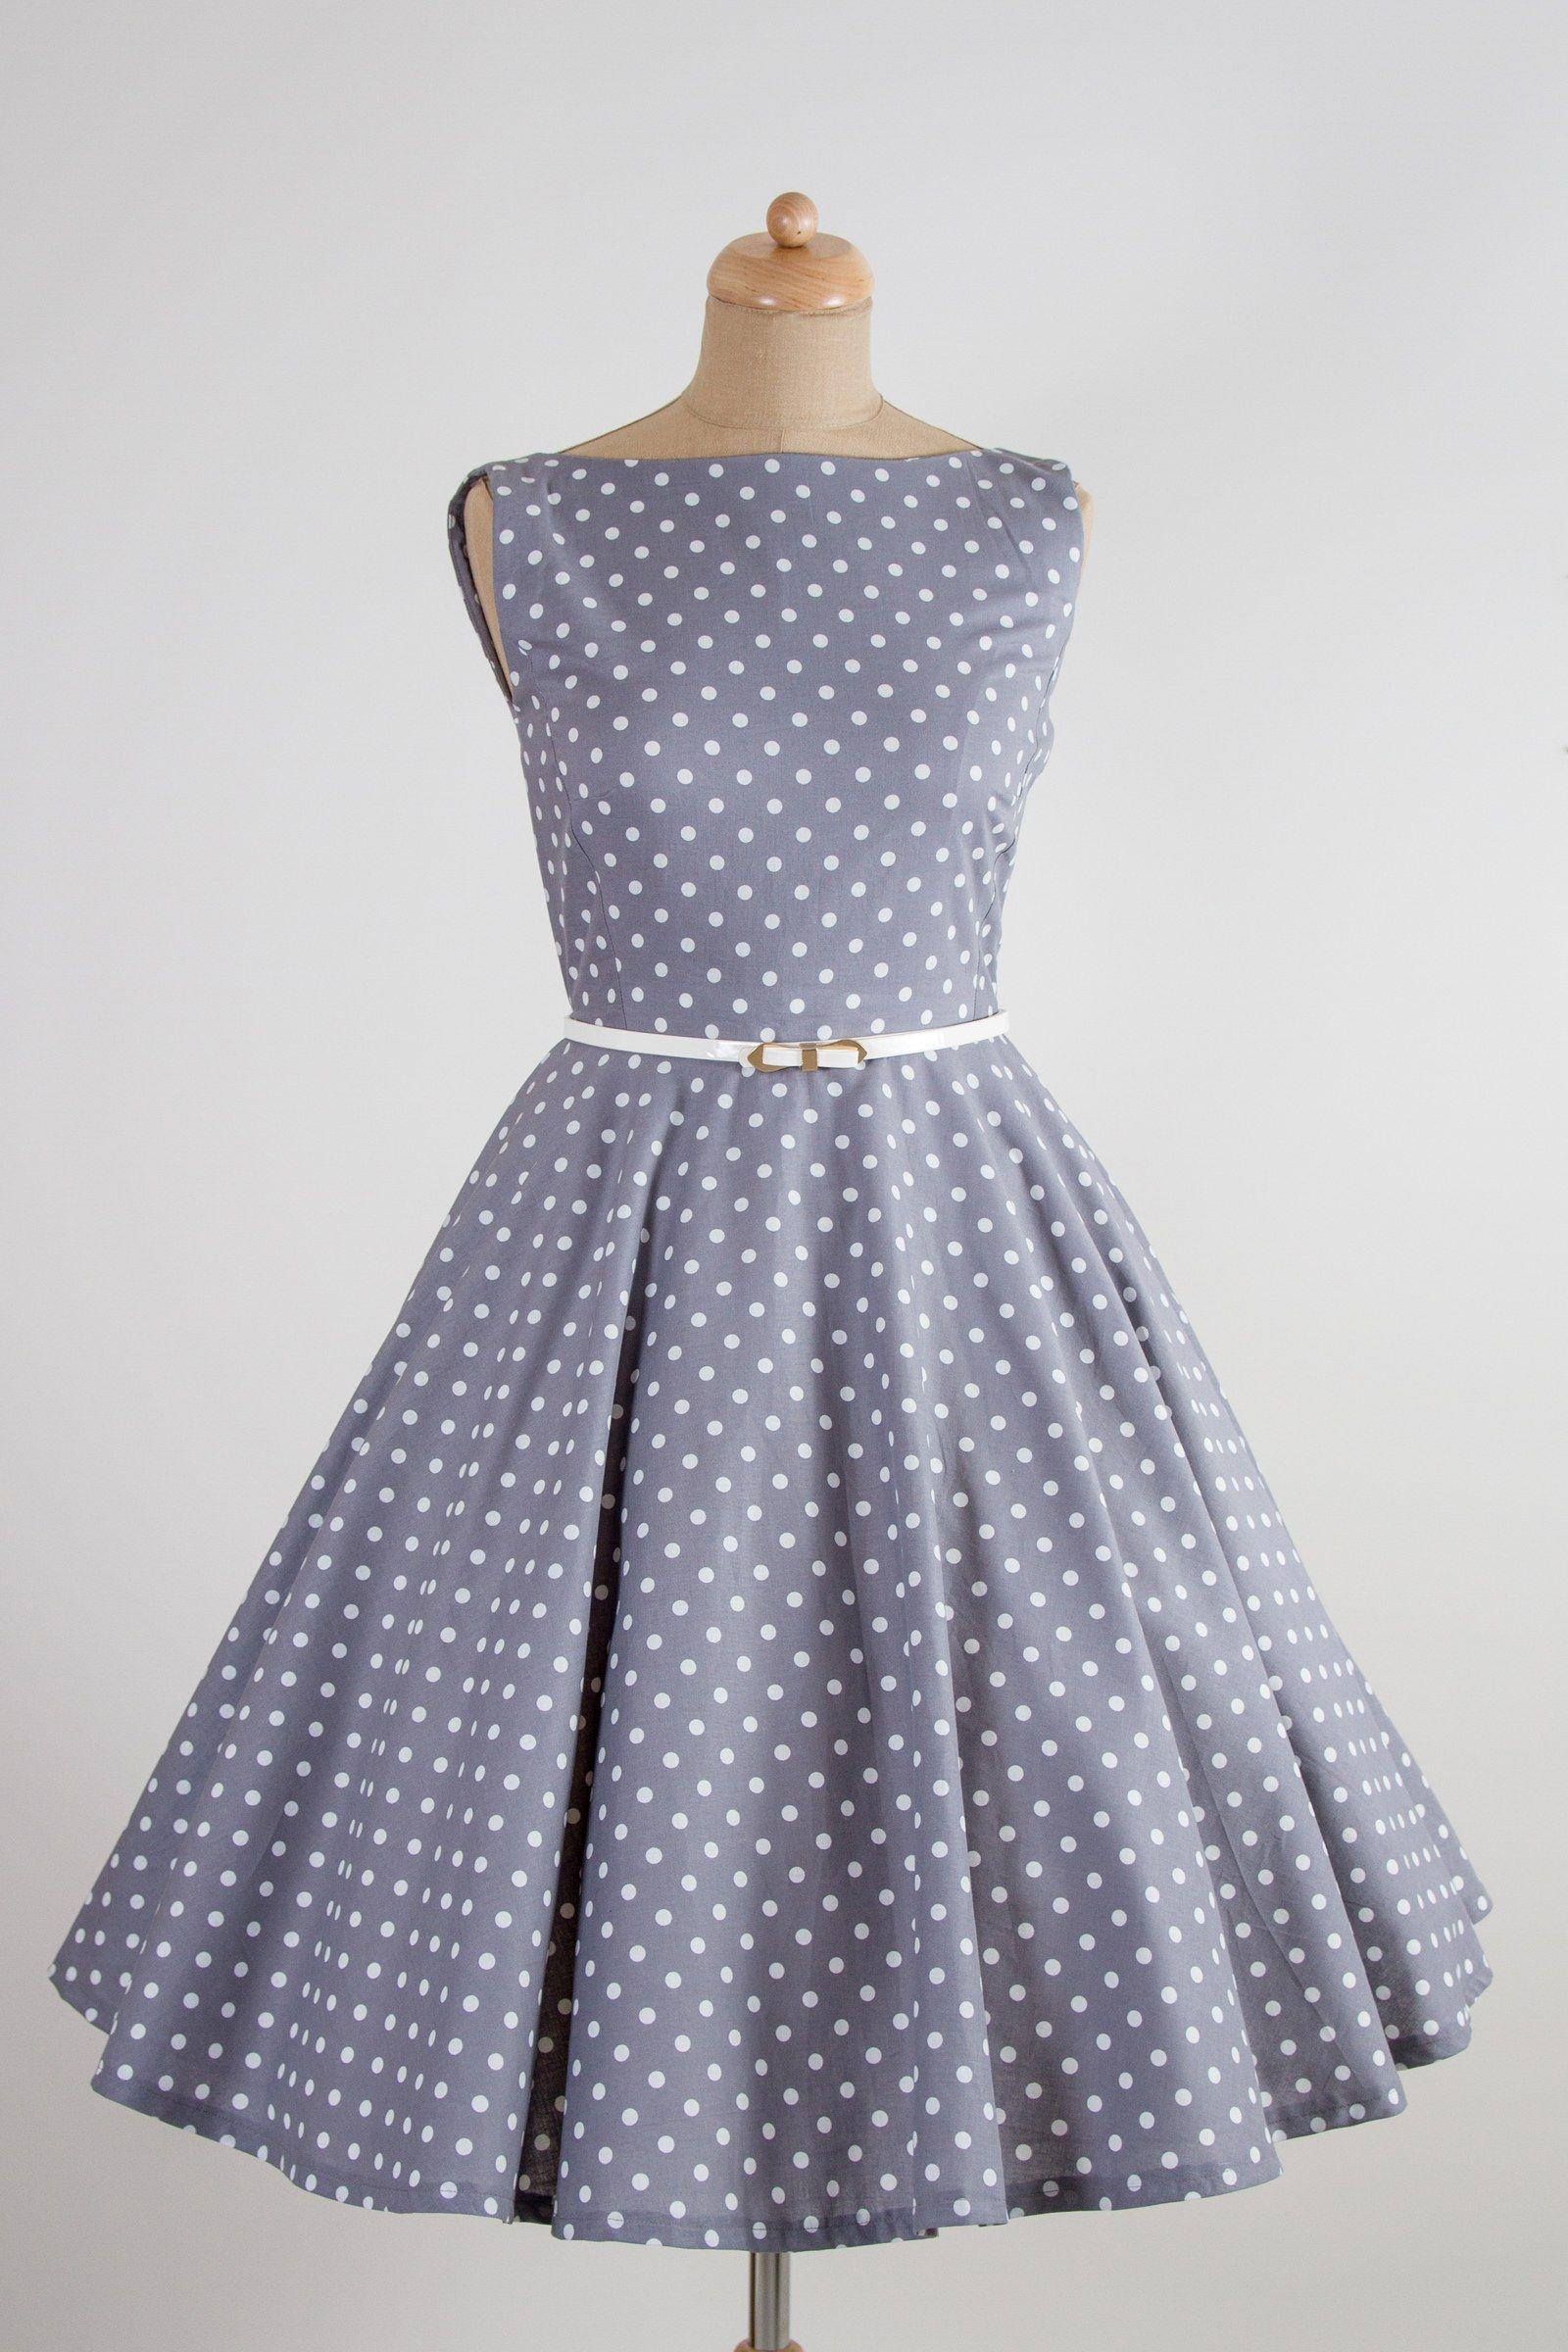 Šedé retro šaty s bílým puntíkem lodičkový výstřih knoflíčky na zadní  straně kolová sukně pásek s 6d3a03815f